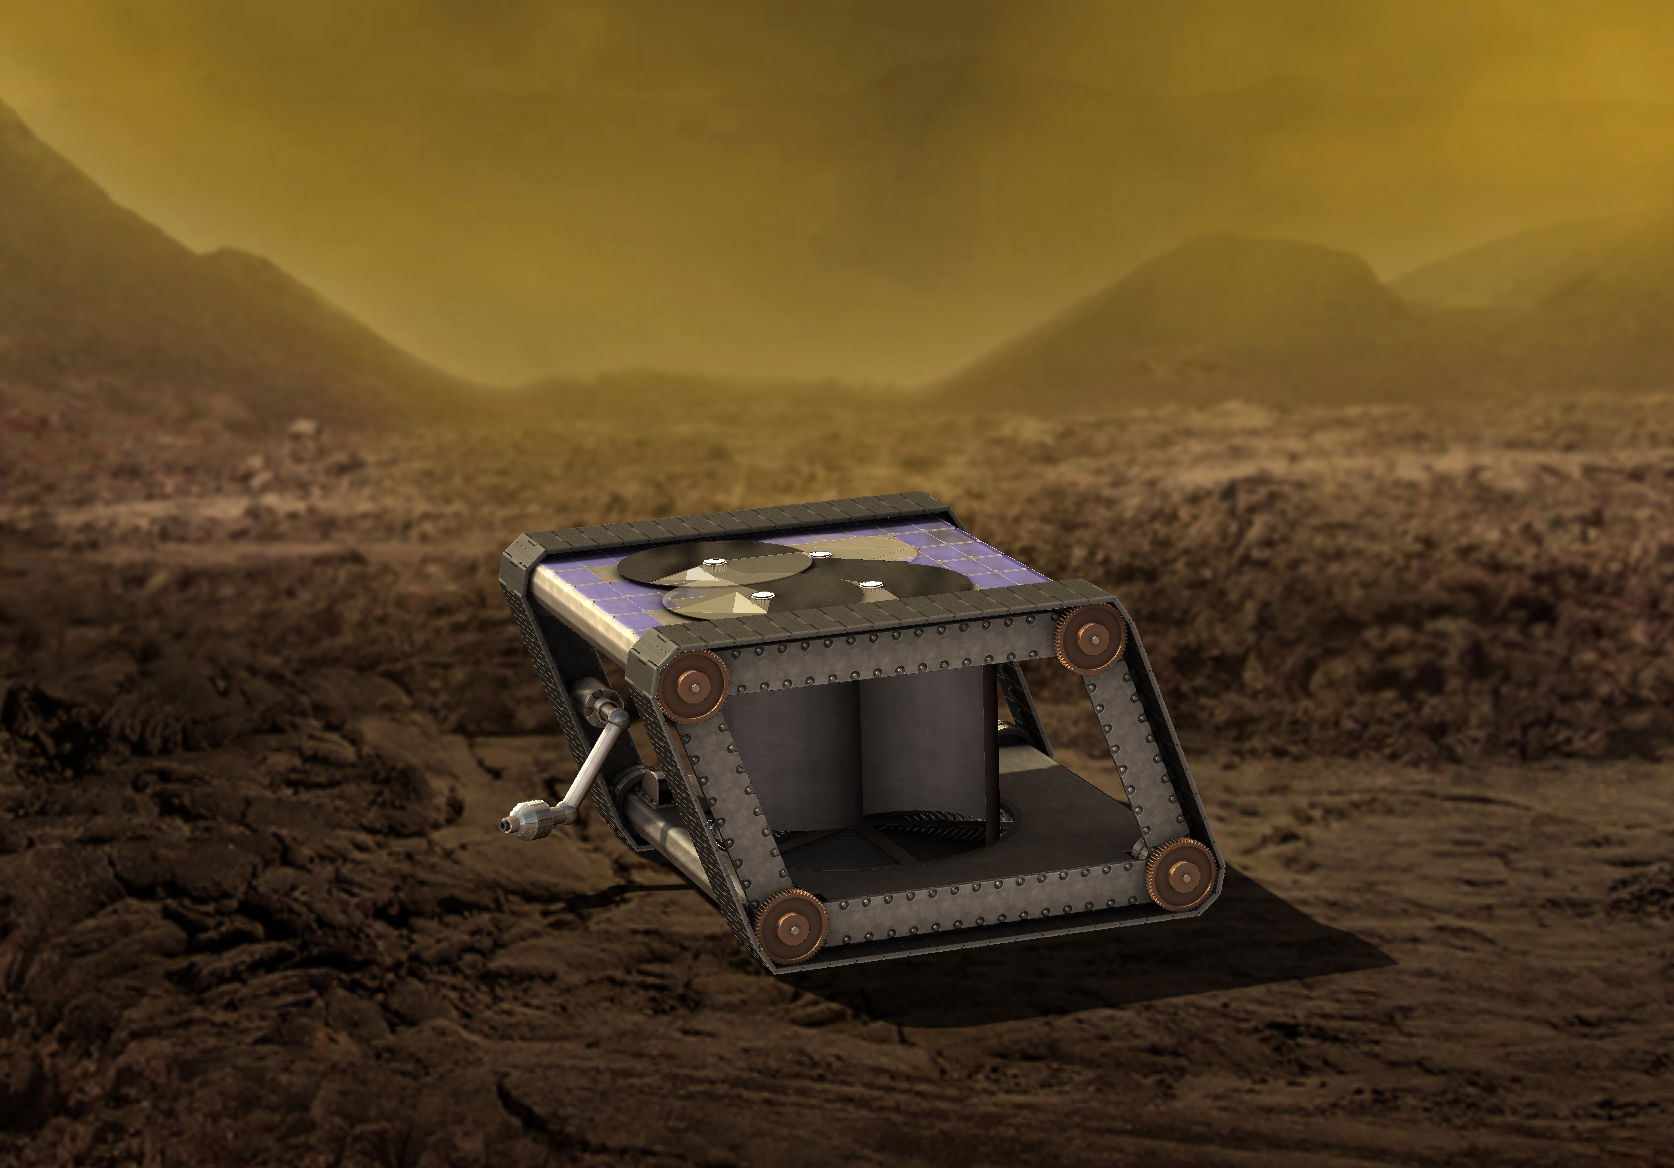 Venus mechanical rover